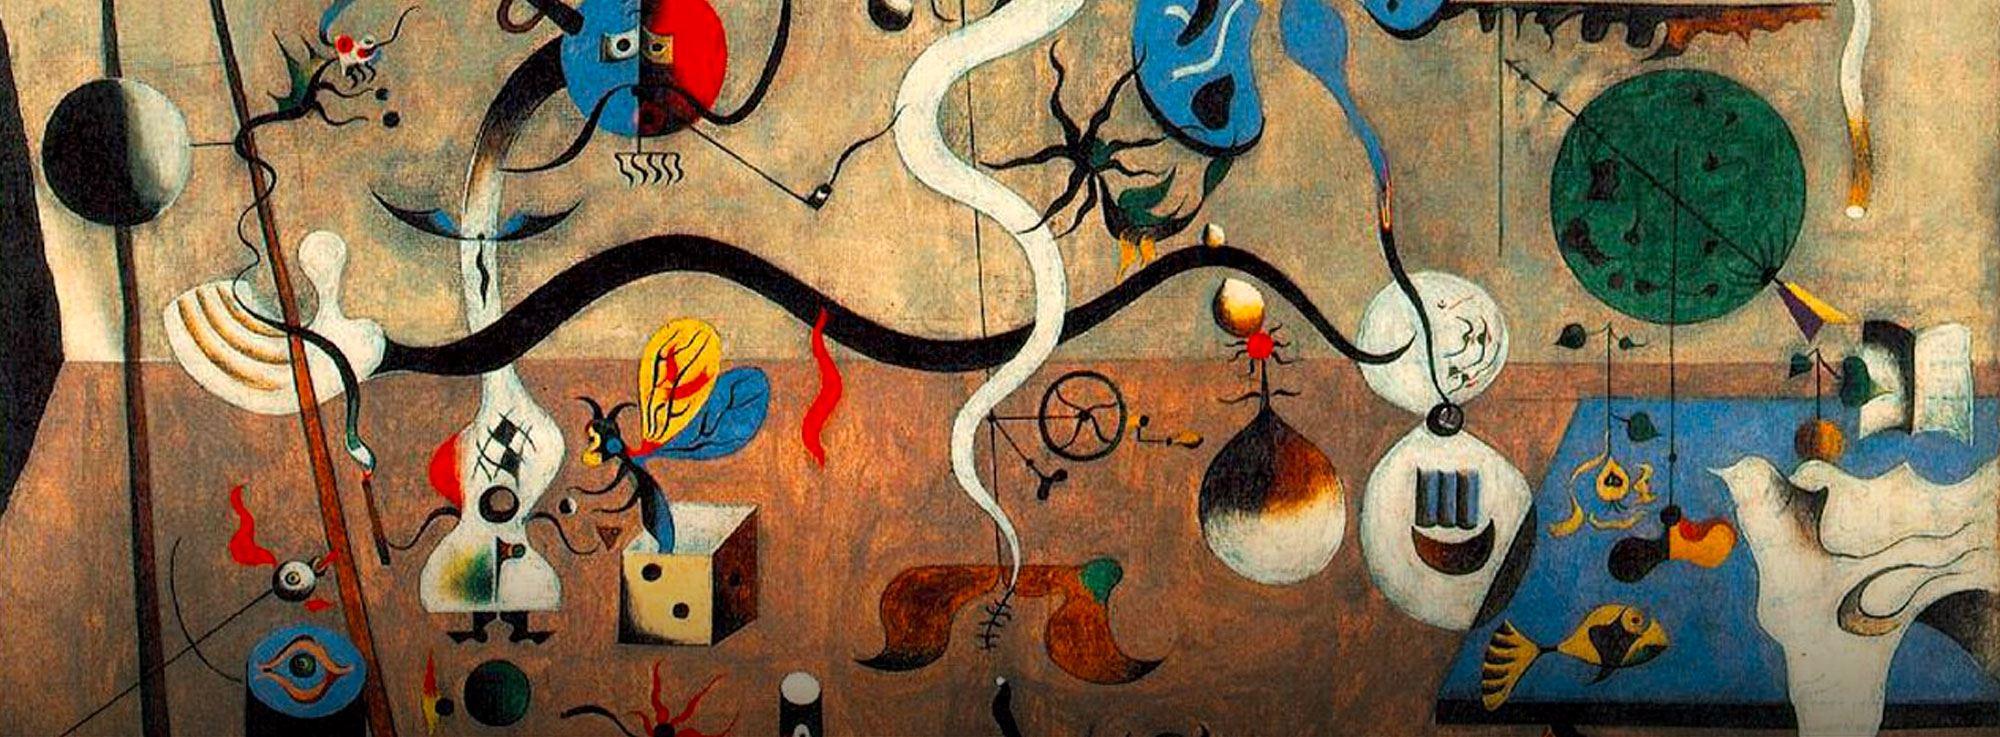 Monopoli: Joan Mirò - Opere Grafiche 1948-1974